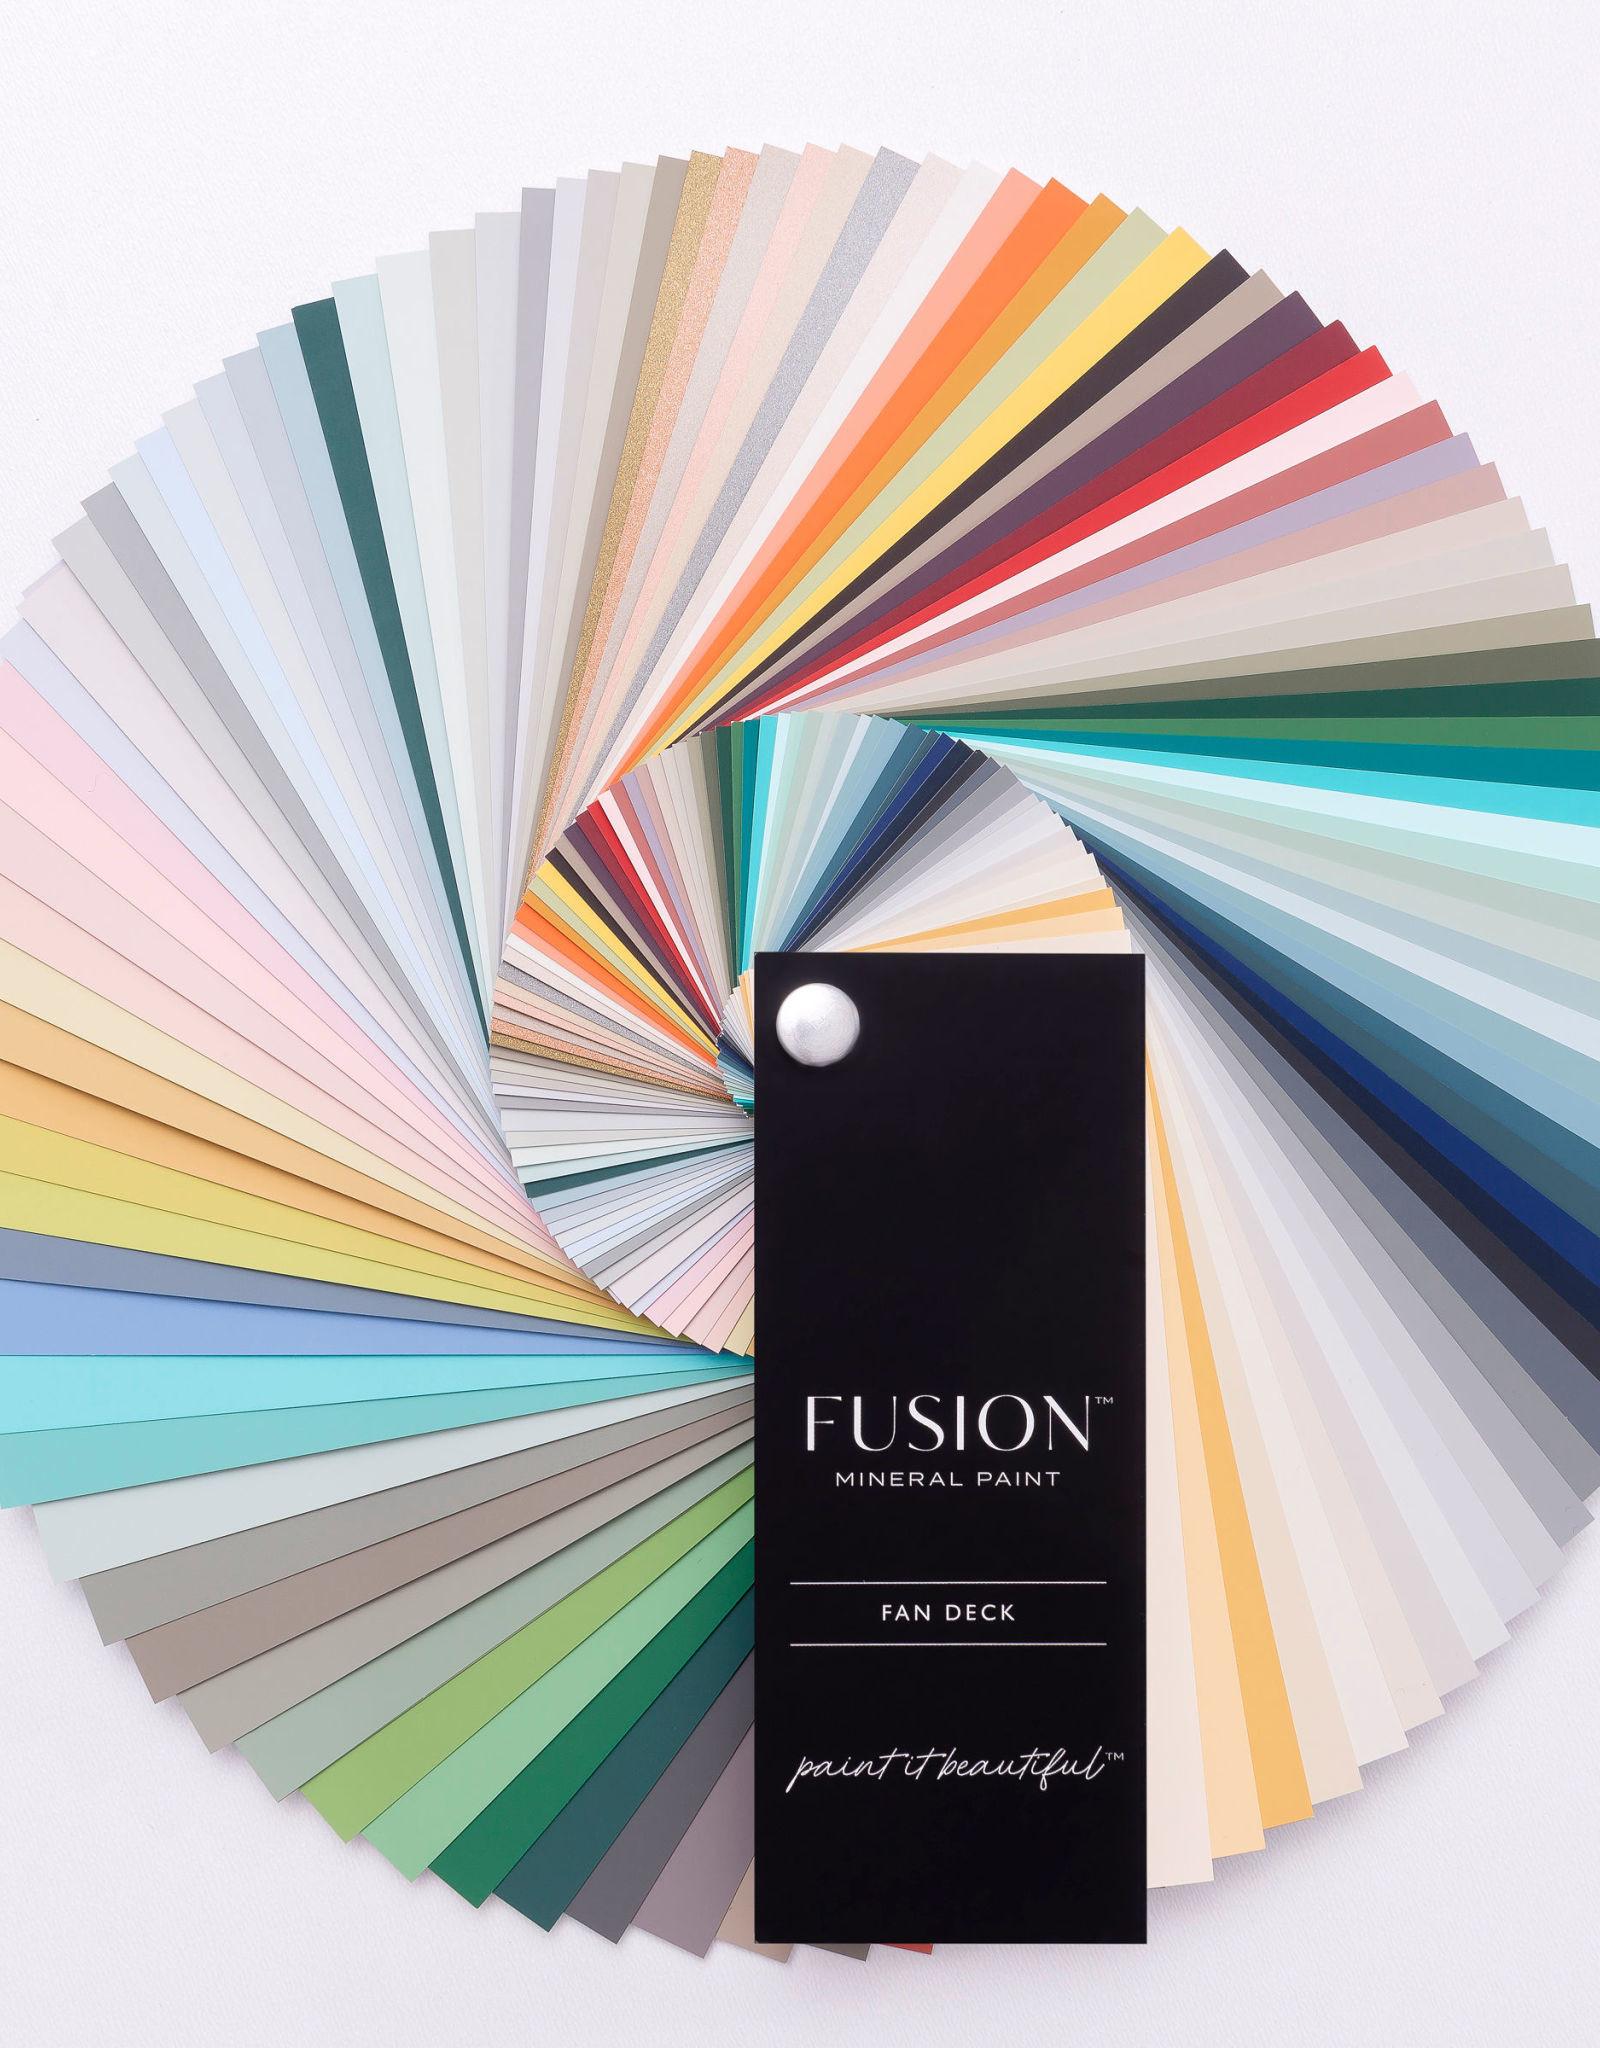 Fusion Mineral Paint Colour Card Fan Deck